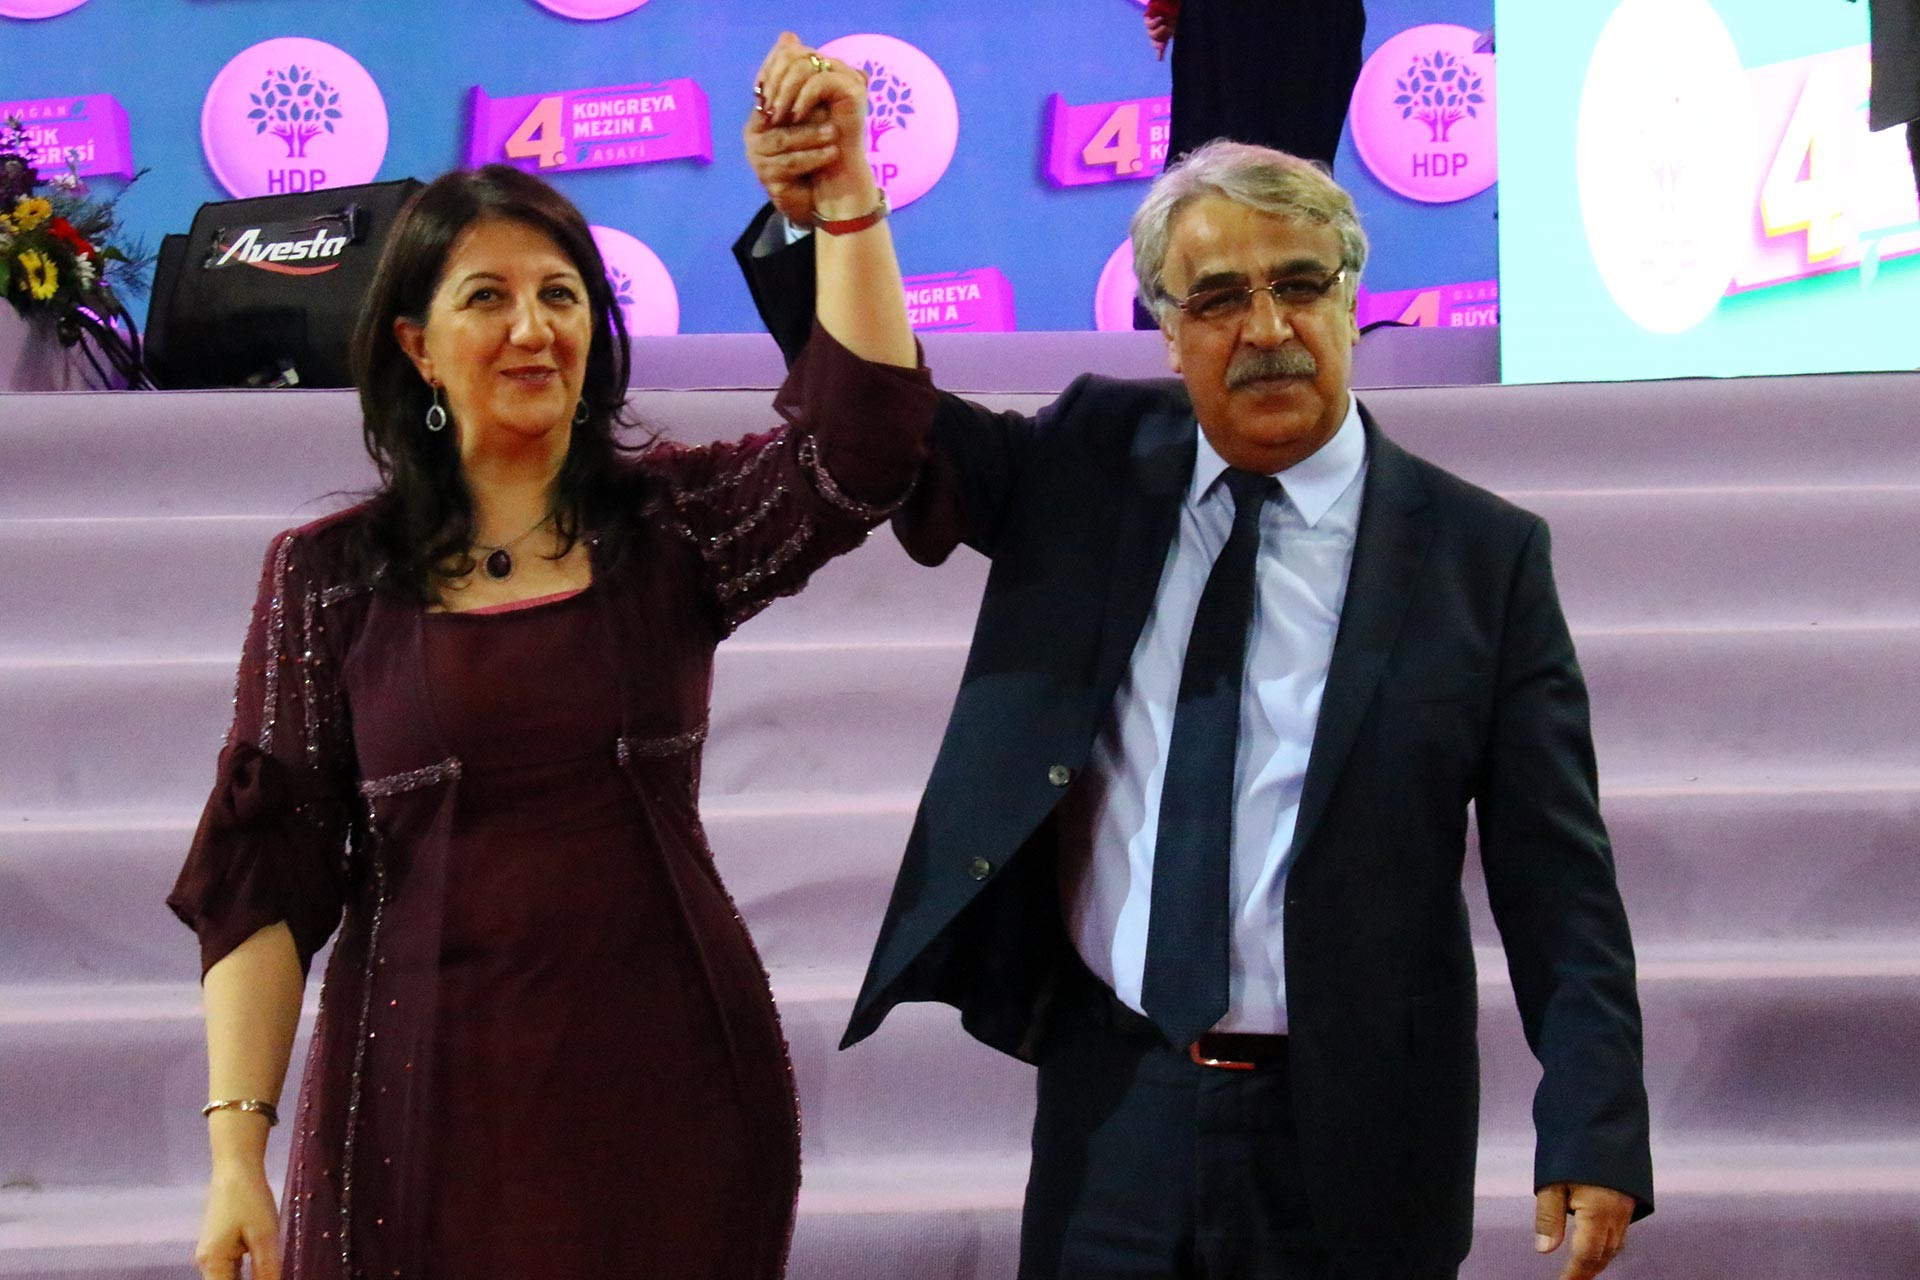 HDP'nin 4. olağan kongresinde Pervin Buldan ve Mithat Sancar eş genel başkanlar olarak seçildi.